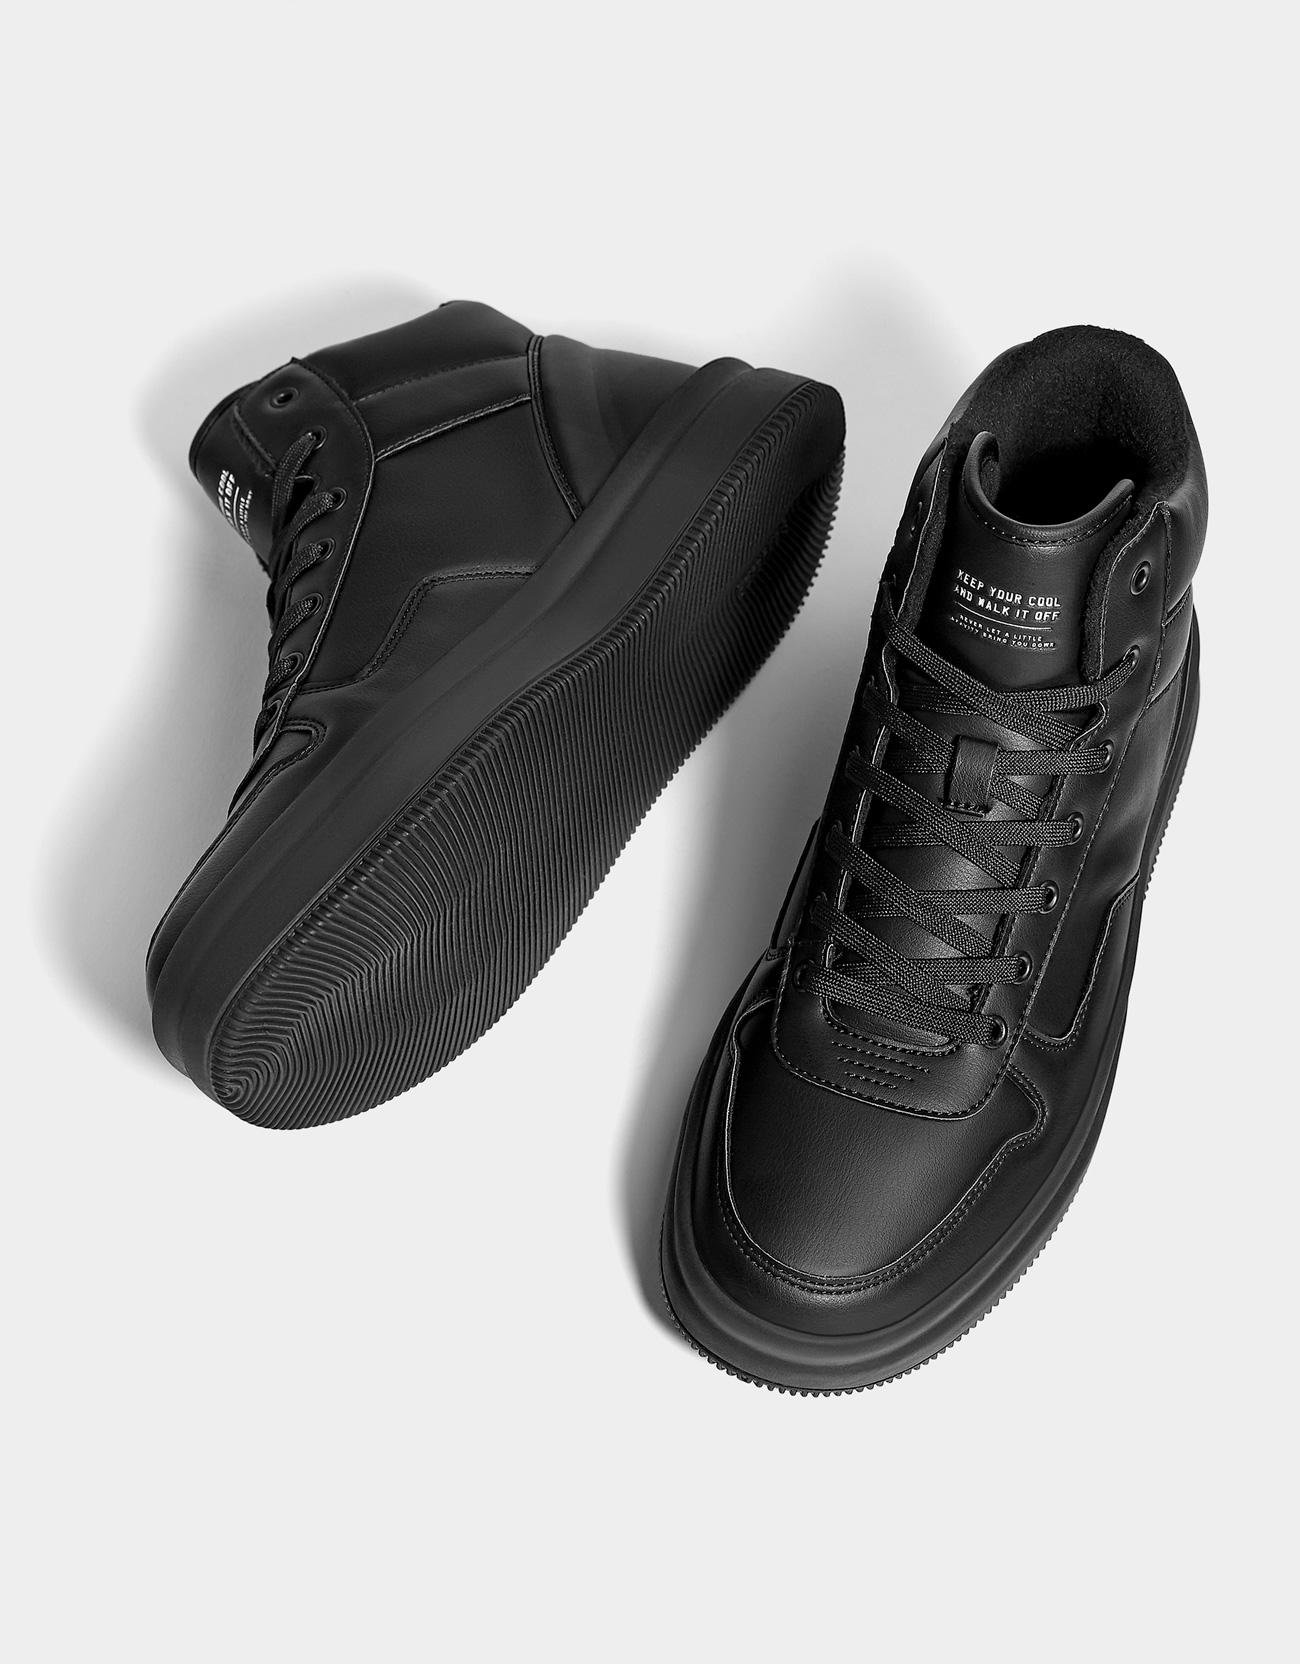 A Sneaker Foderata Stivaletto Stivali Uomo Da E Stivaletti wOPk80n